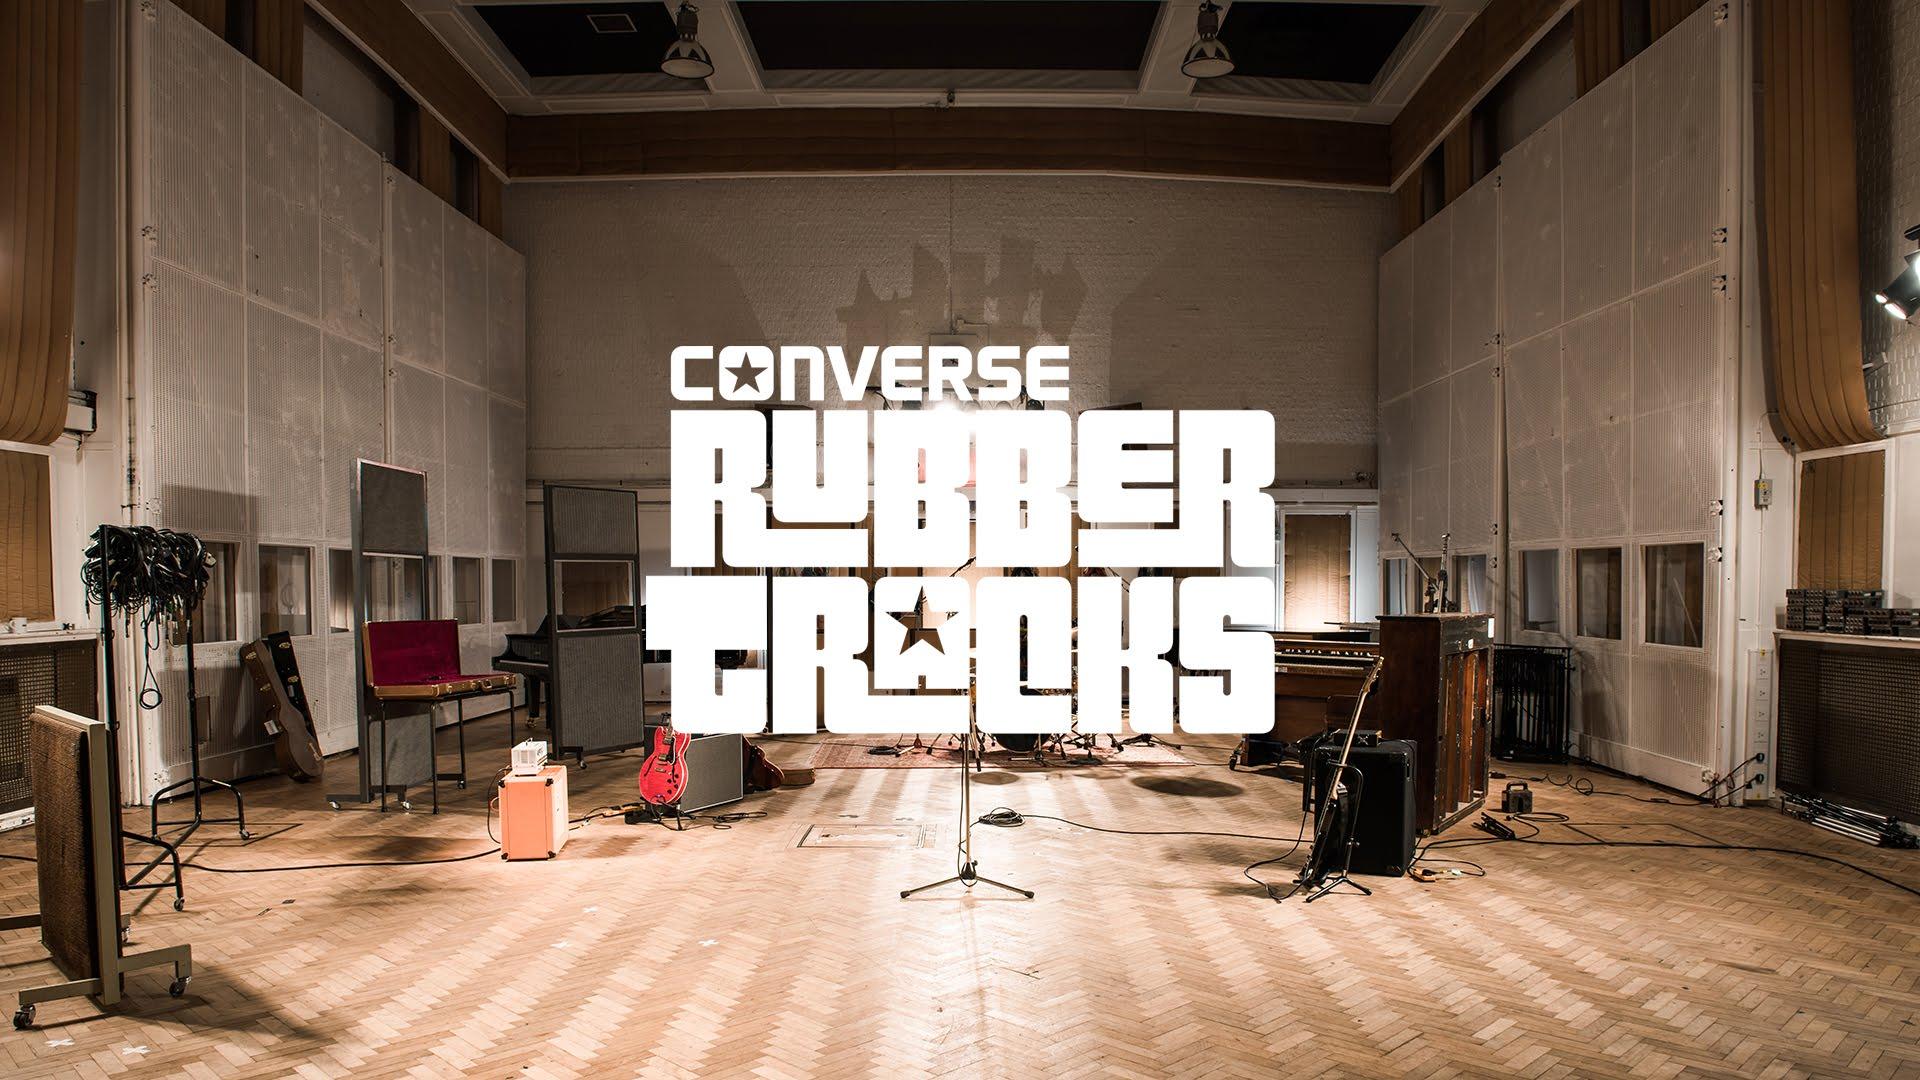 Topluluk Oluşturmada Converse Etkisi: Converse Rubber Track